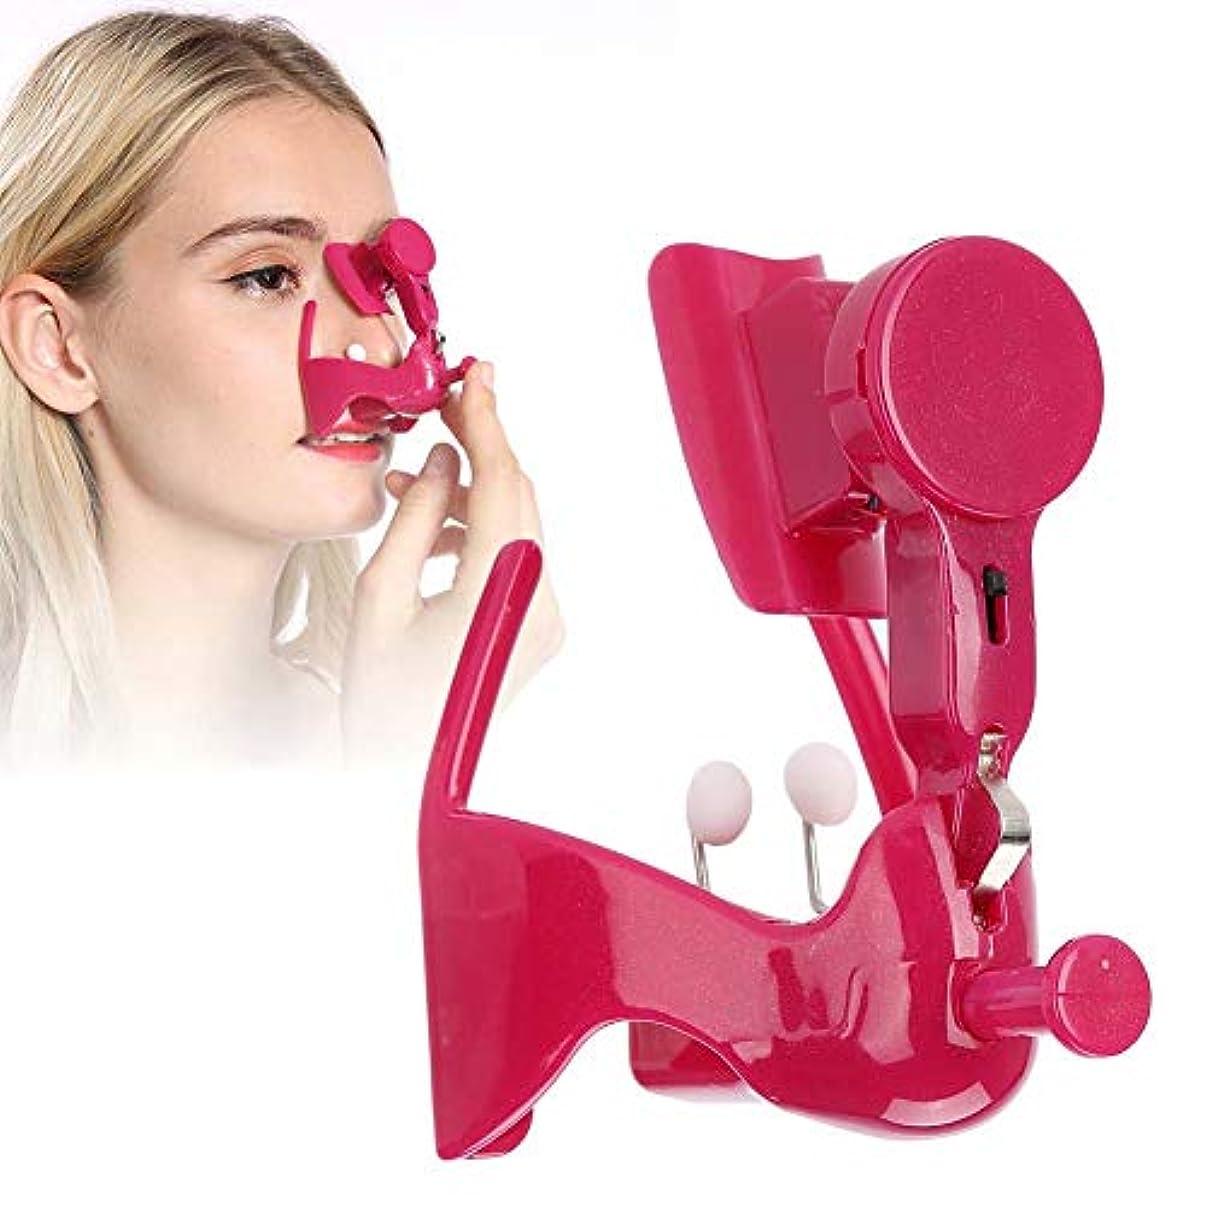 穿孔する慣れているドロー鼻筋 矯正 ノーズアップノーズクリップ 鼻高く鼻プチ 柔軟性高く バタリー付き